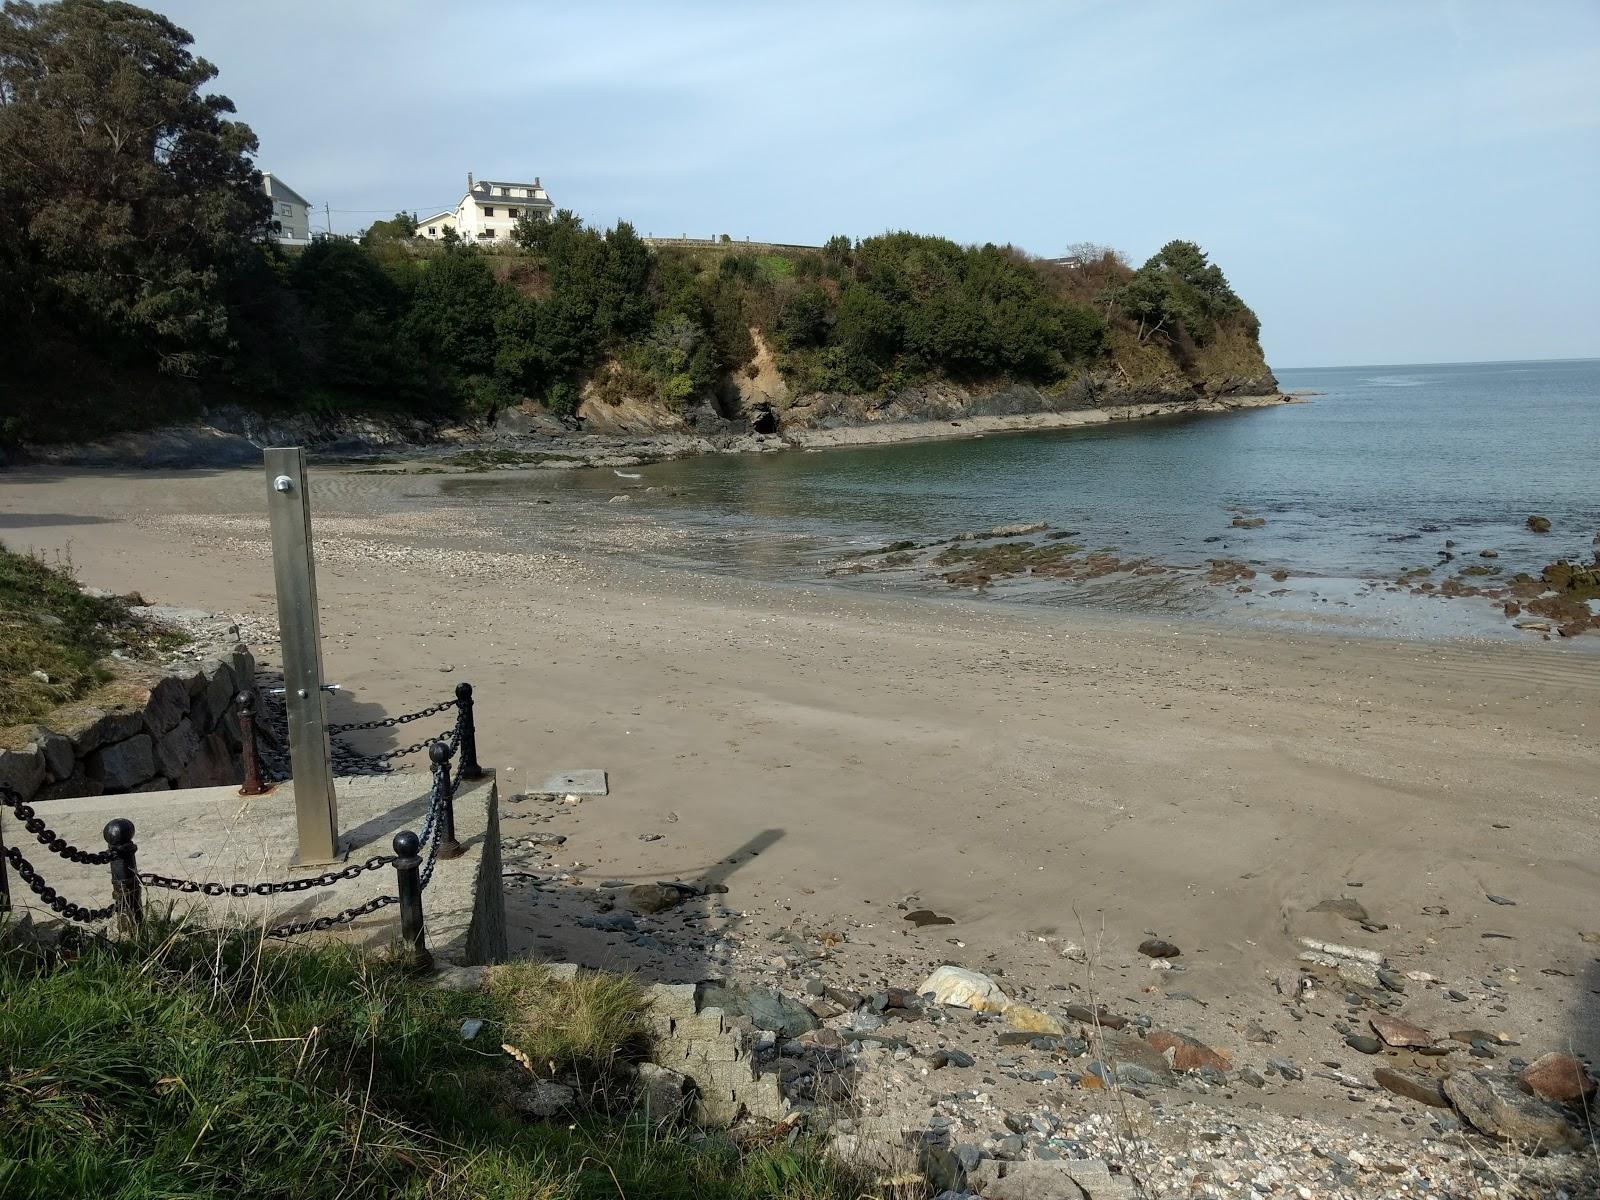 Praia de Seiramar